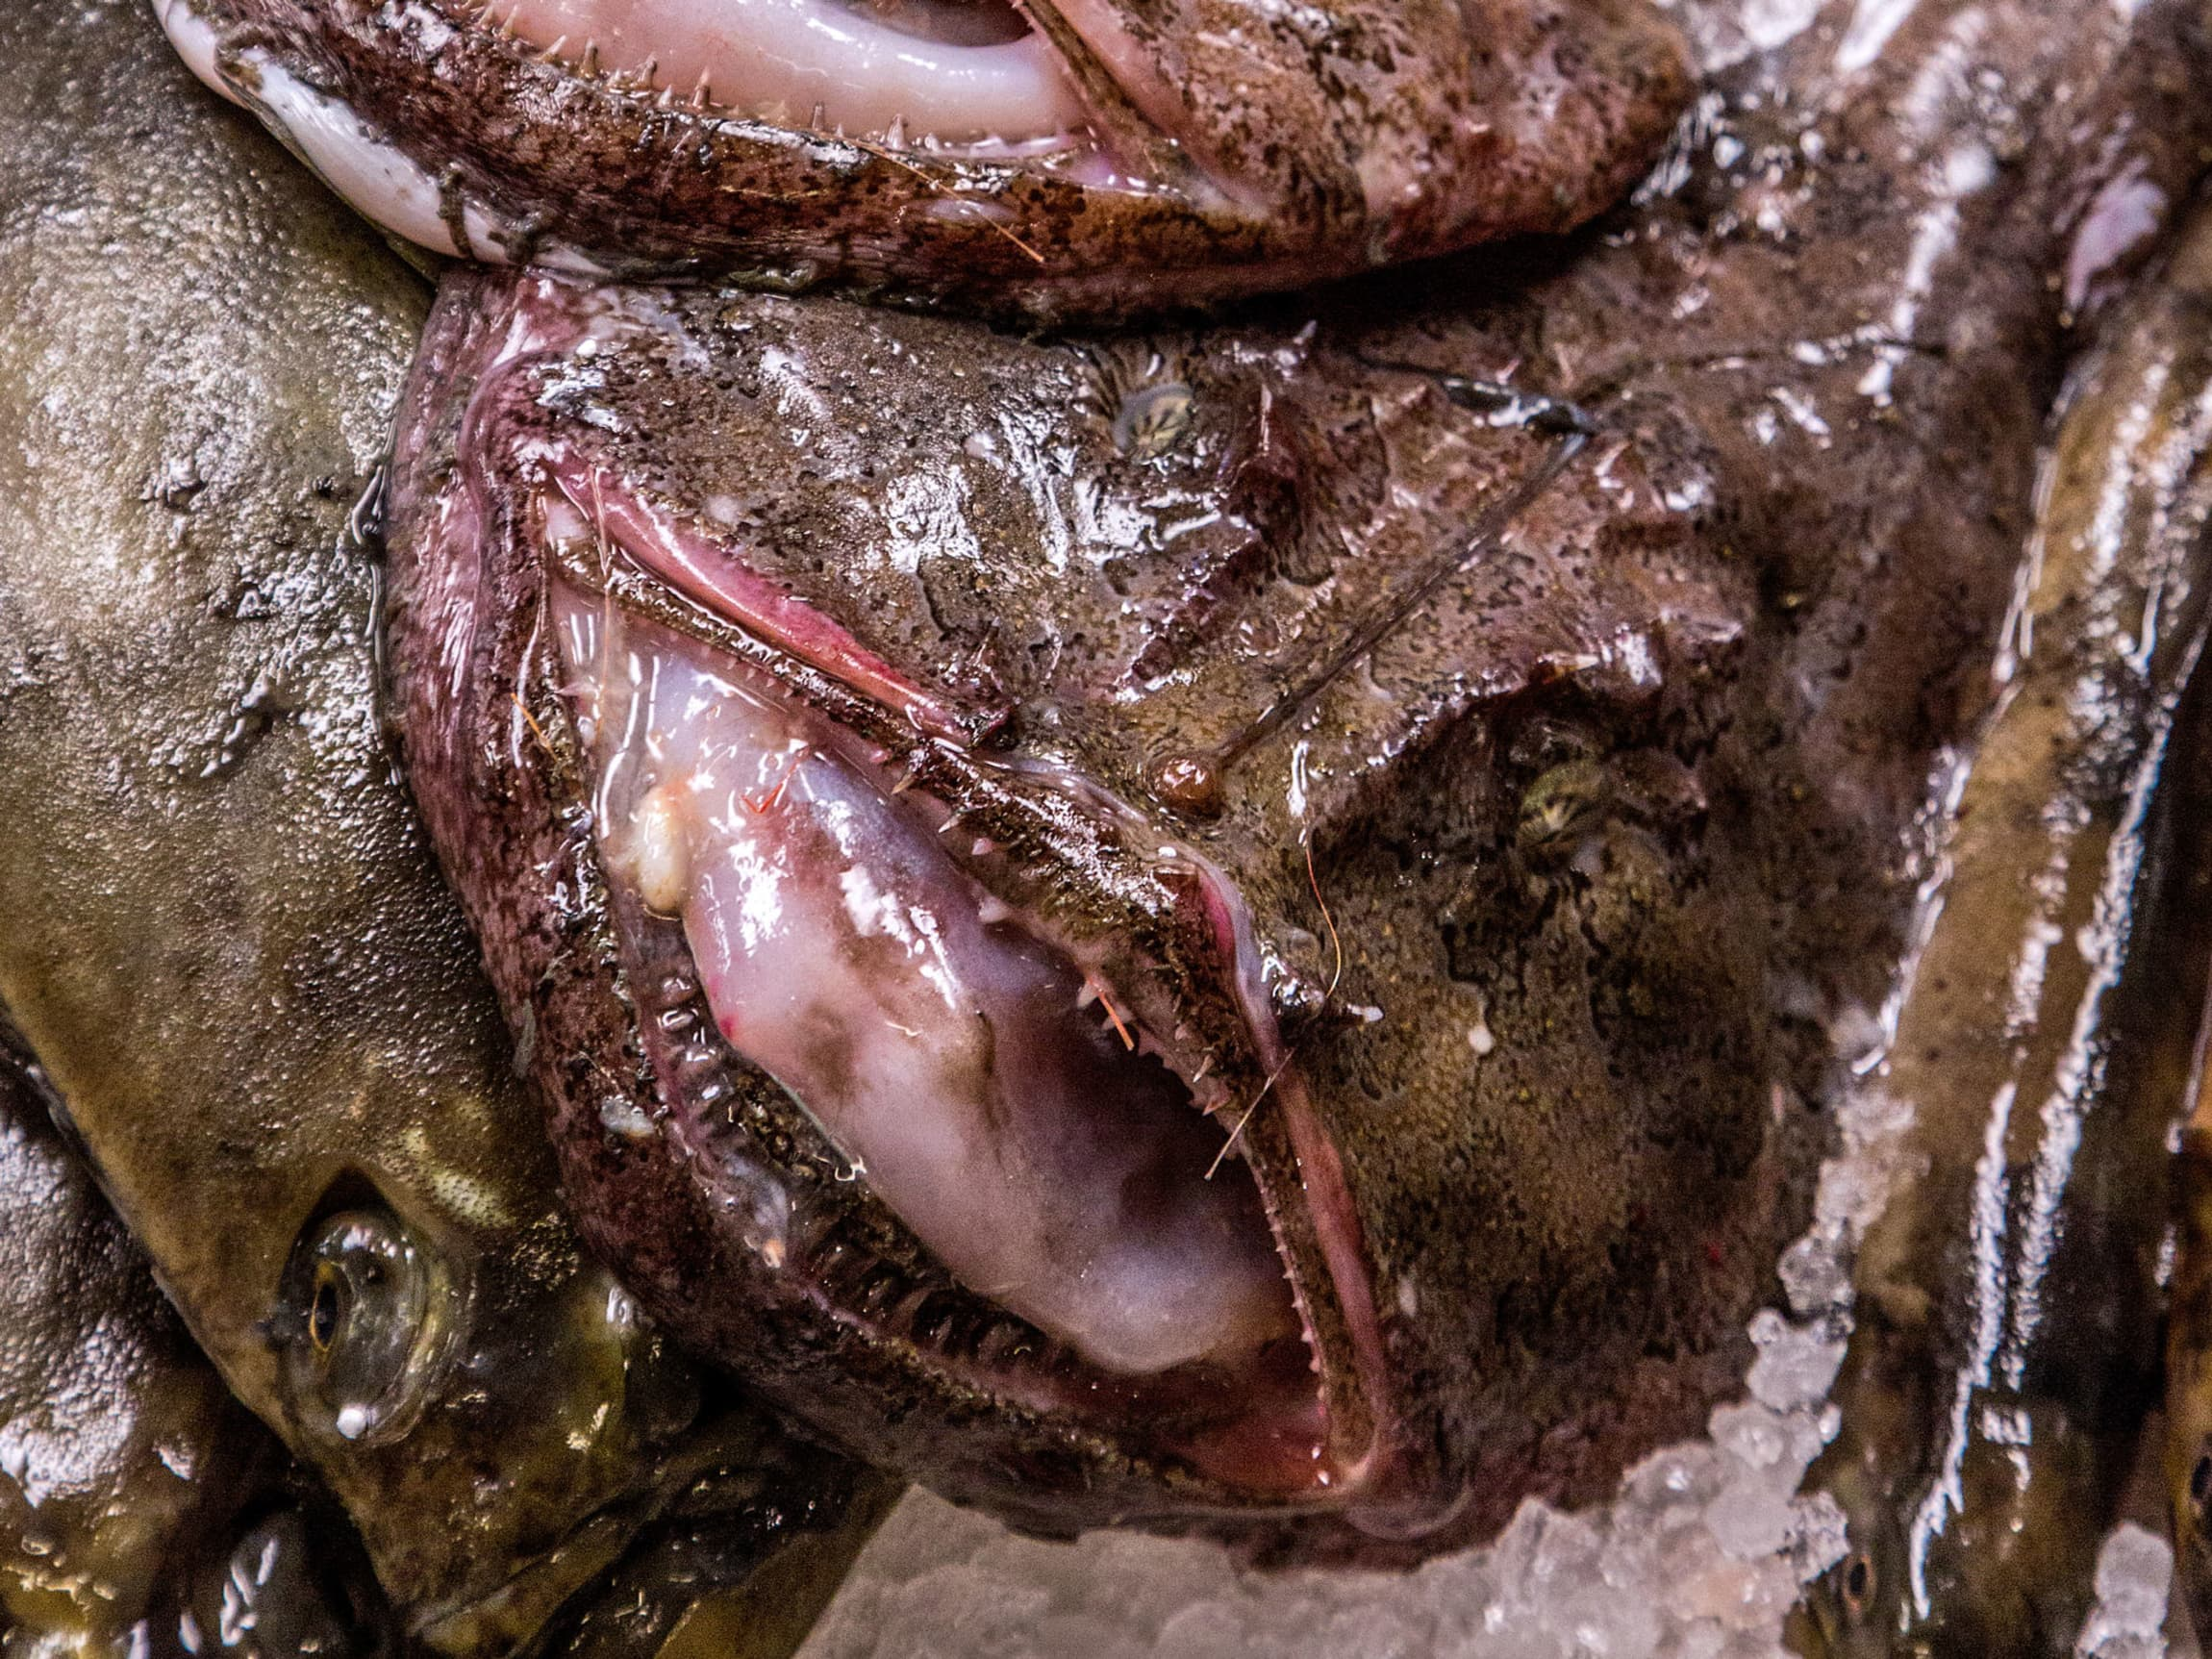 Breiflabb har ikke det mest innbydende utseendet, men fiskekjøttet er noe av det beste man kan servere.